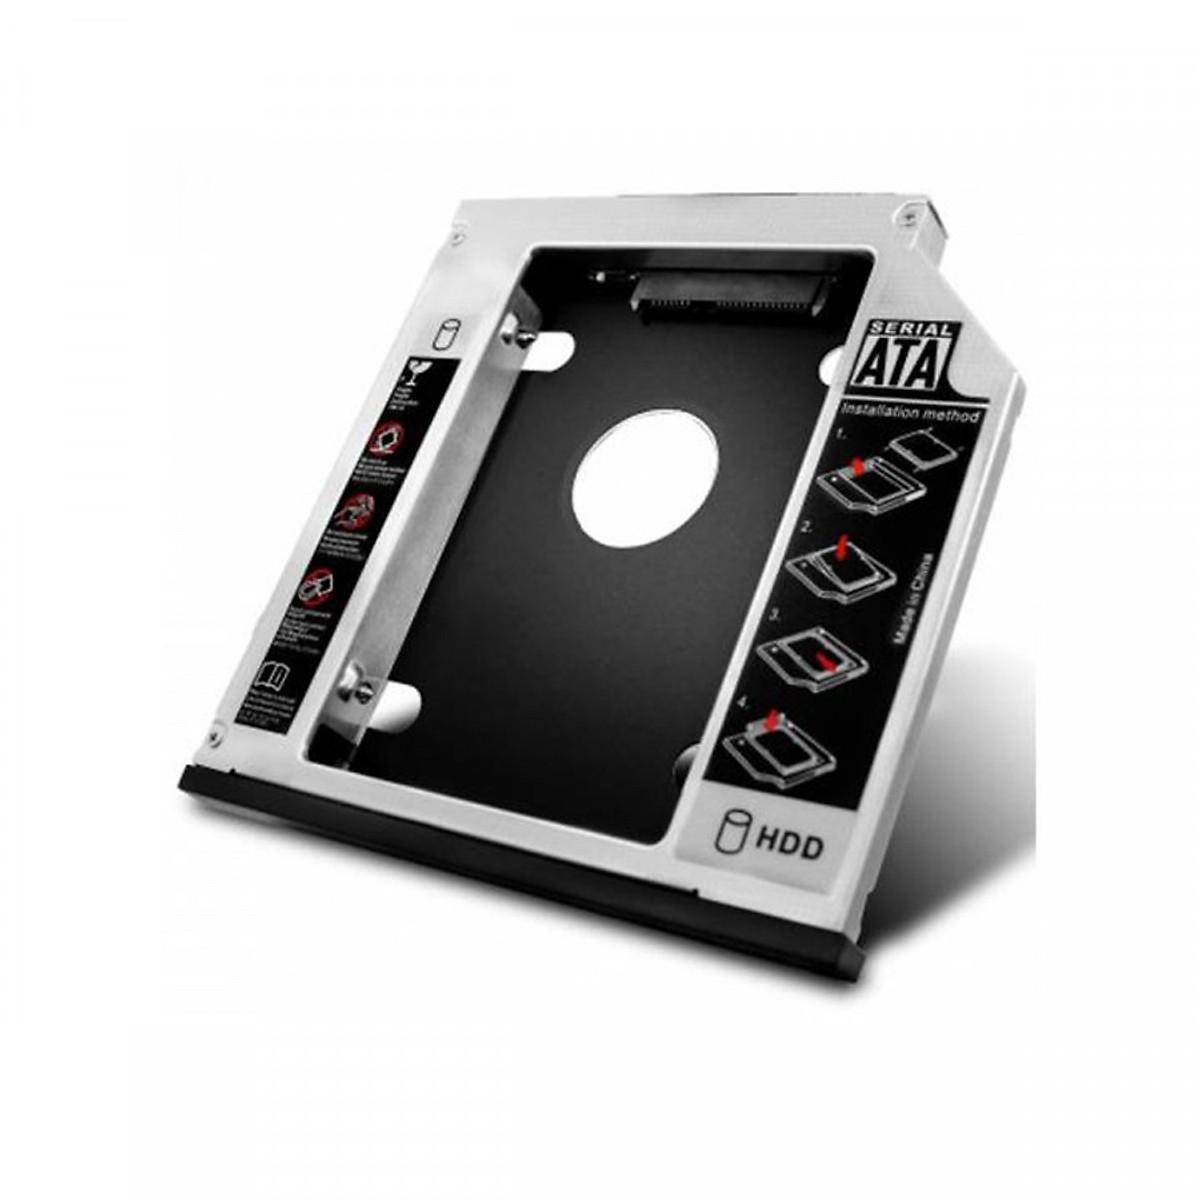 """Khay đựng ổ cứng Laptop 2,5"""" HDD, SATA, SATAII,SATAIII, SDD (Caddy Bay) Loại mỏng 9,5mm (Tặng kèm cáp OTG)"""